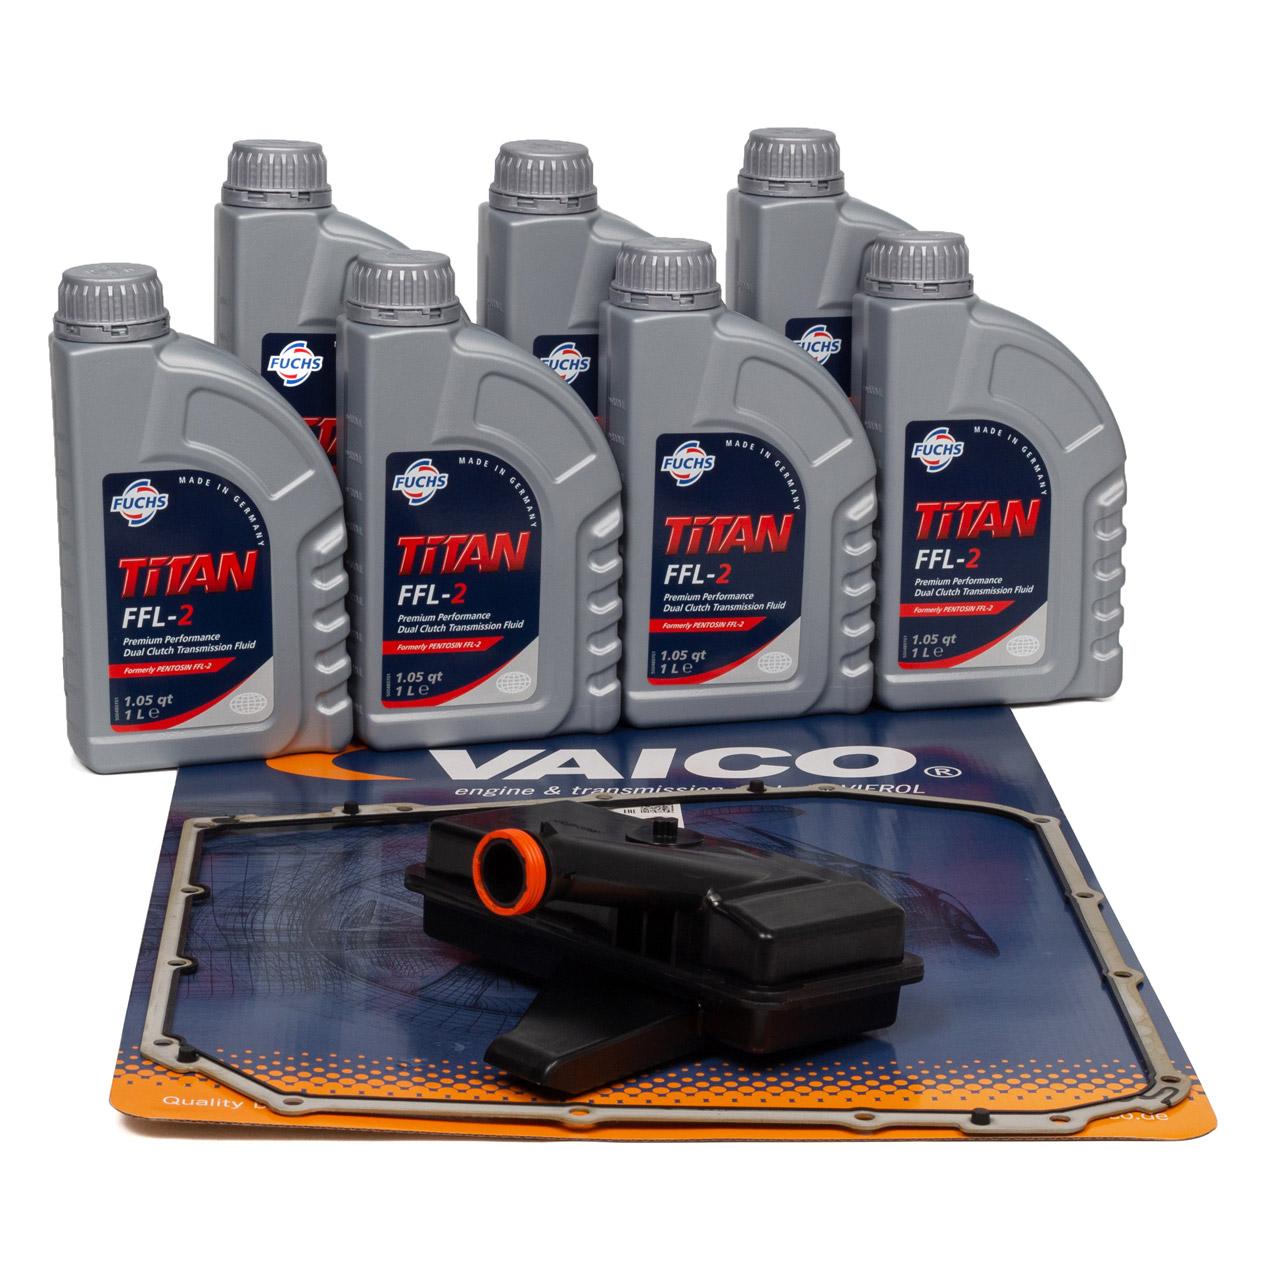 VAICO Hydraulikfilter 7-Gang S-Tronic DL501 + 7L FUCHS Pentosin Getriebeöl FFL-2